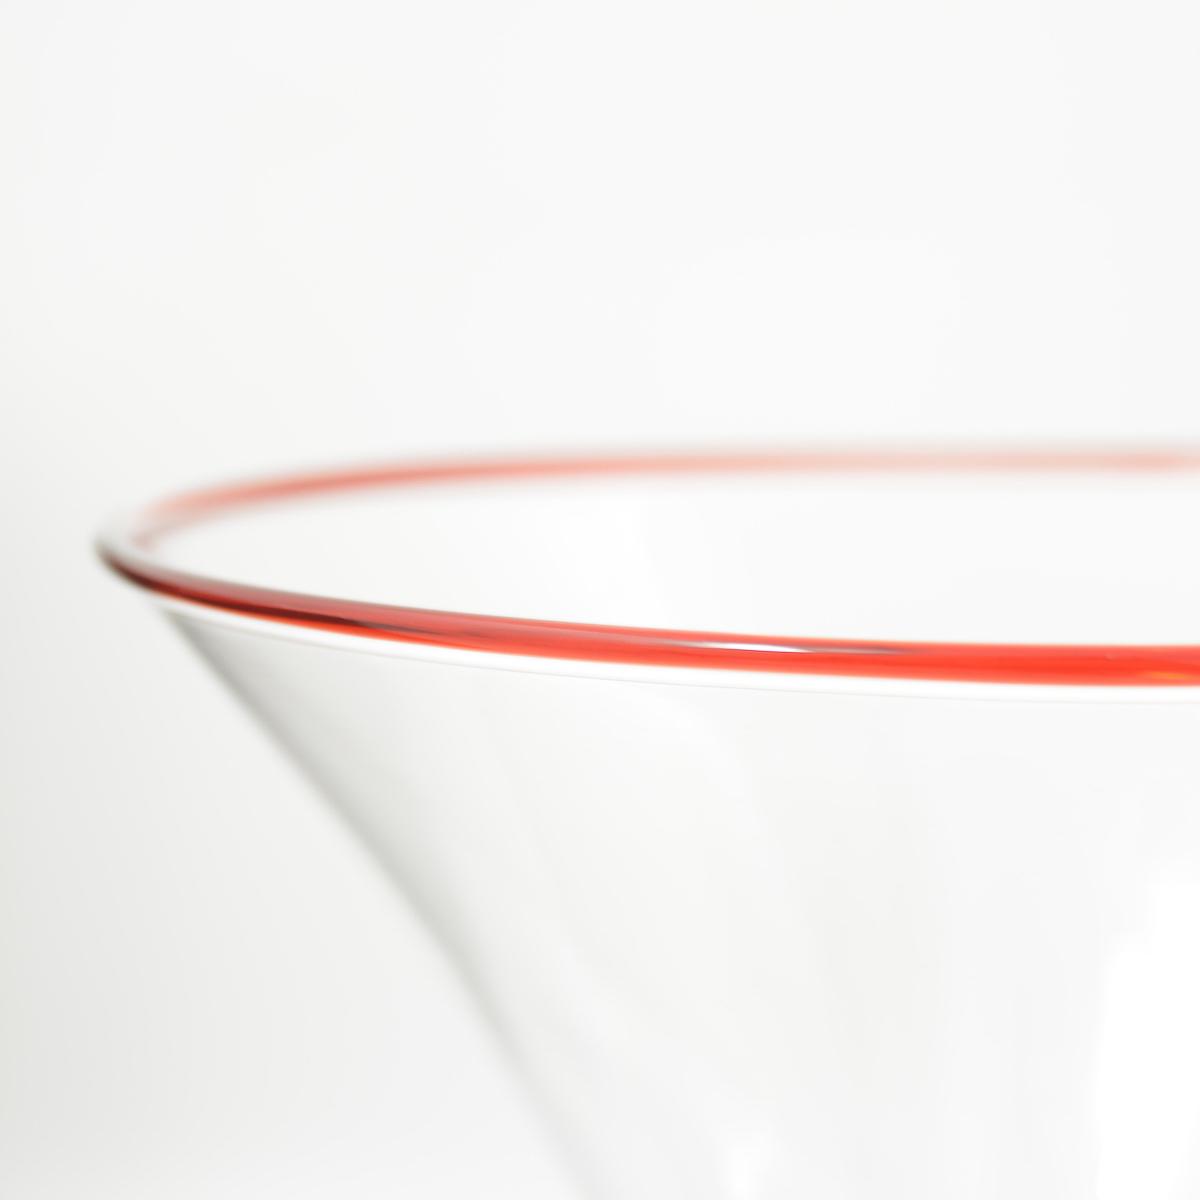 martini-murano-detail-red-giberto-design-luxury-glass